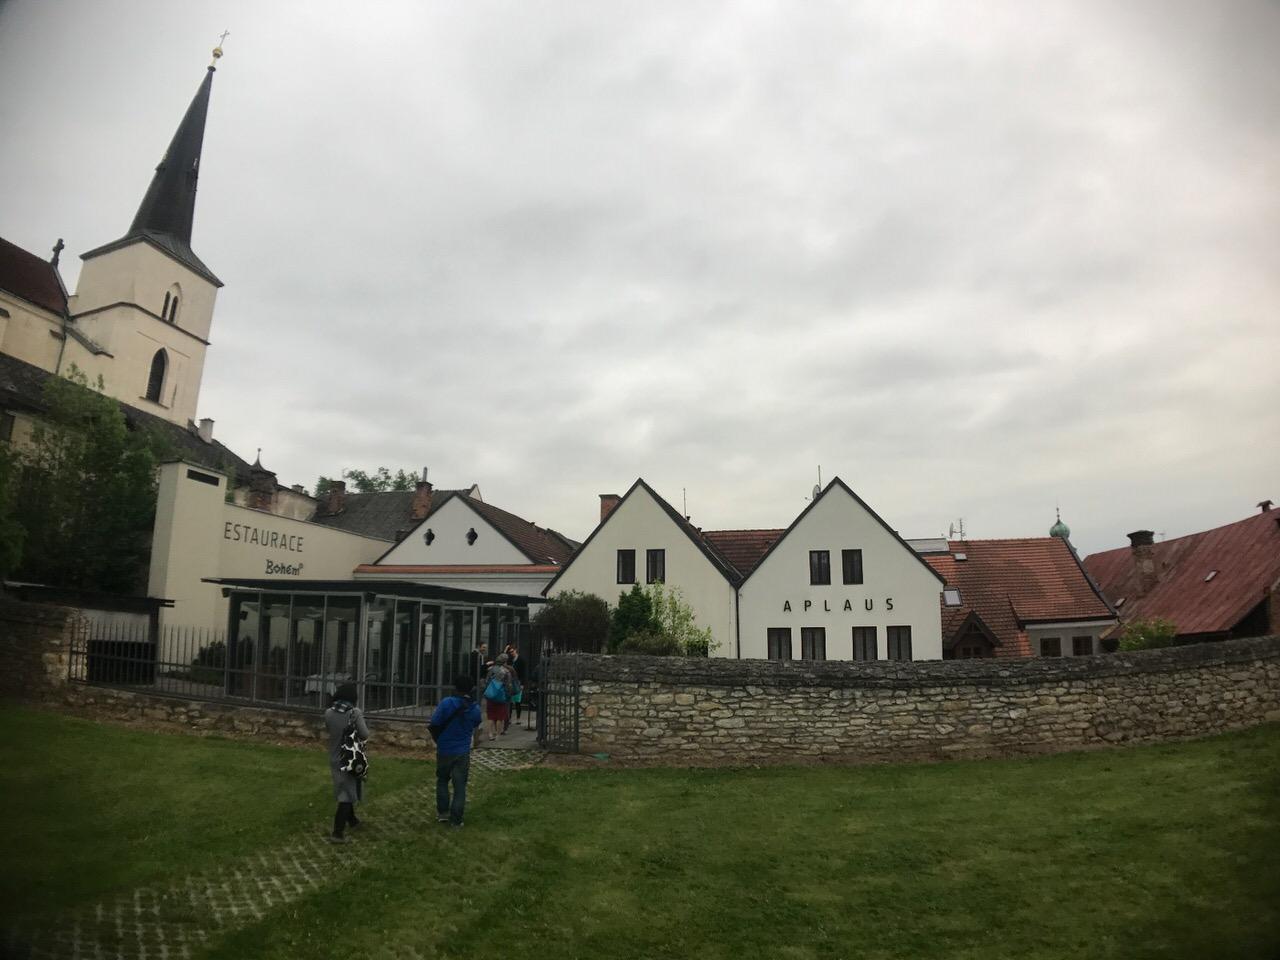 「ボヘム(Bohém)」リトミシュルの四つ星ホテル・アプラウスのレストラン #チェコへ行こう #visitCzech